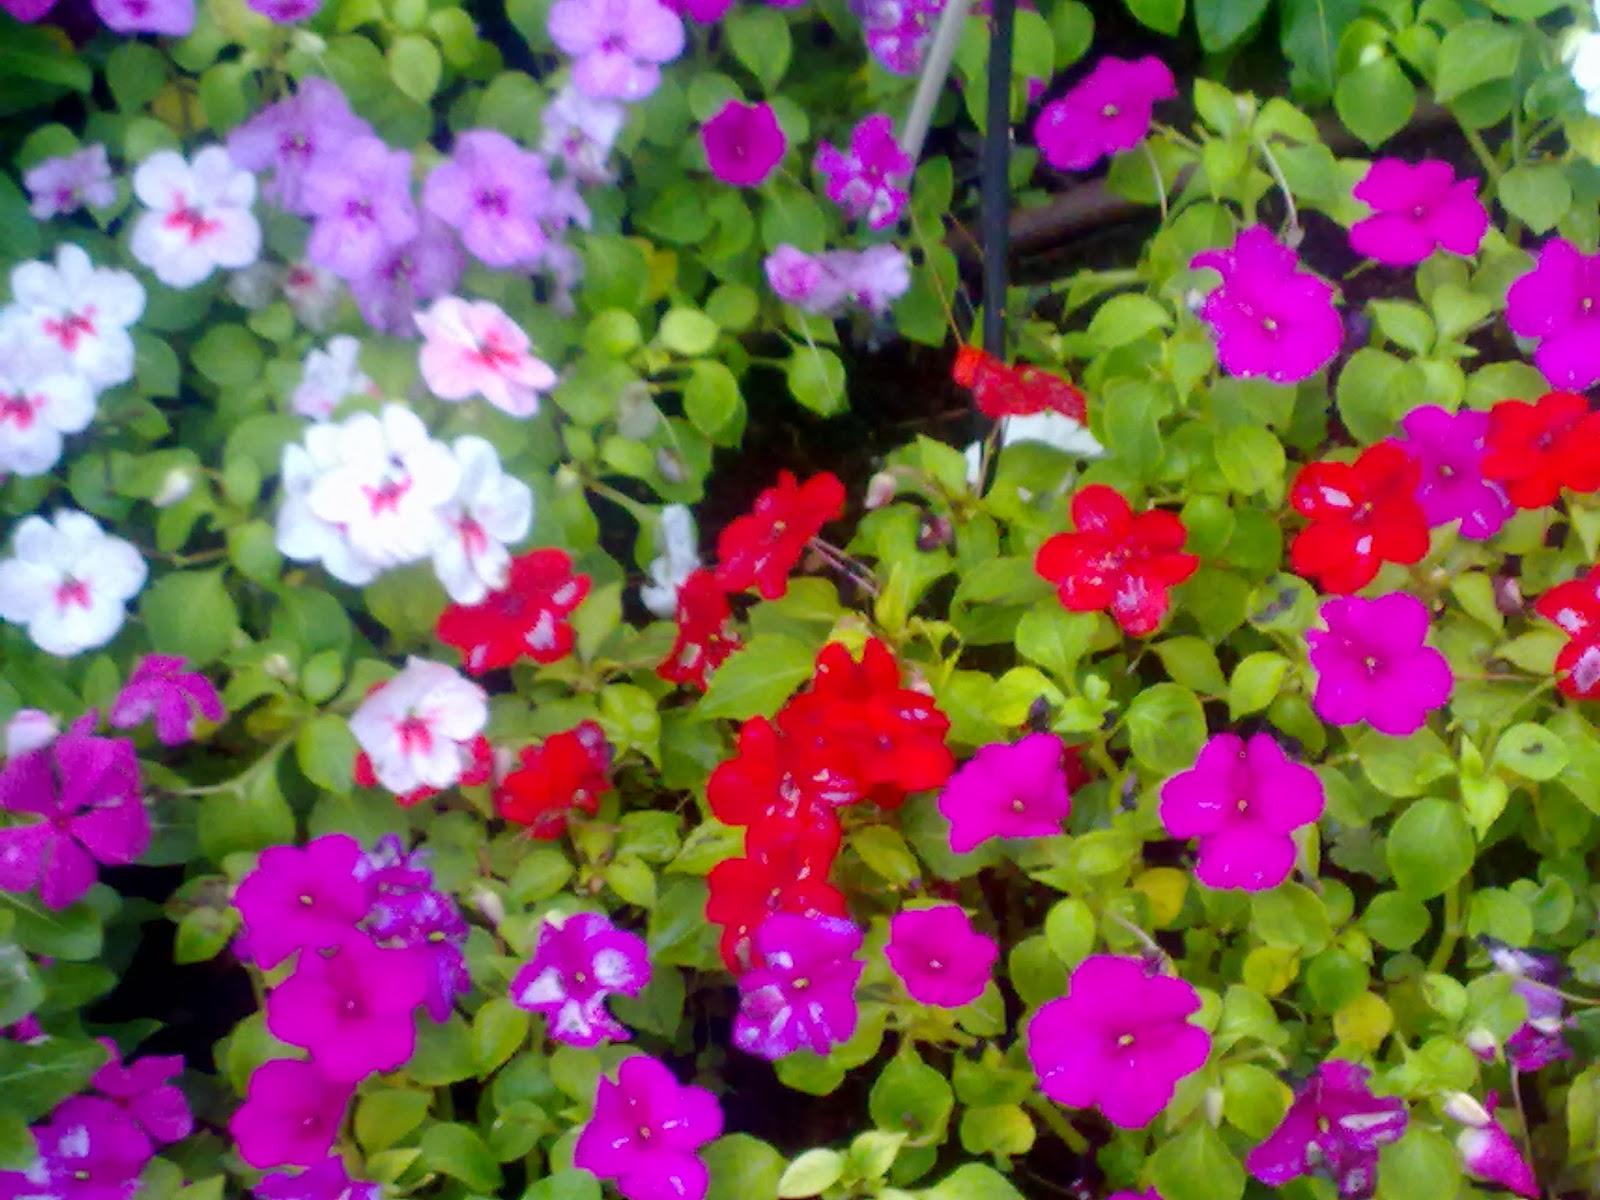 Marco de Flores Variadas ImageChef - Imagenes De Flores Variadas